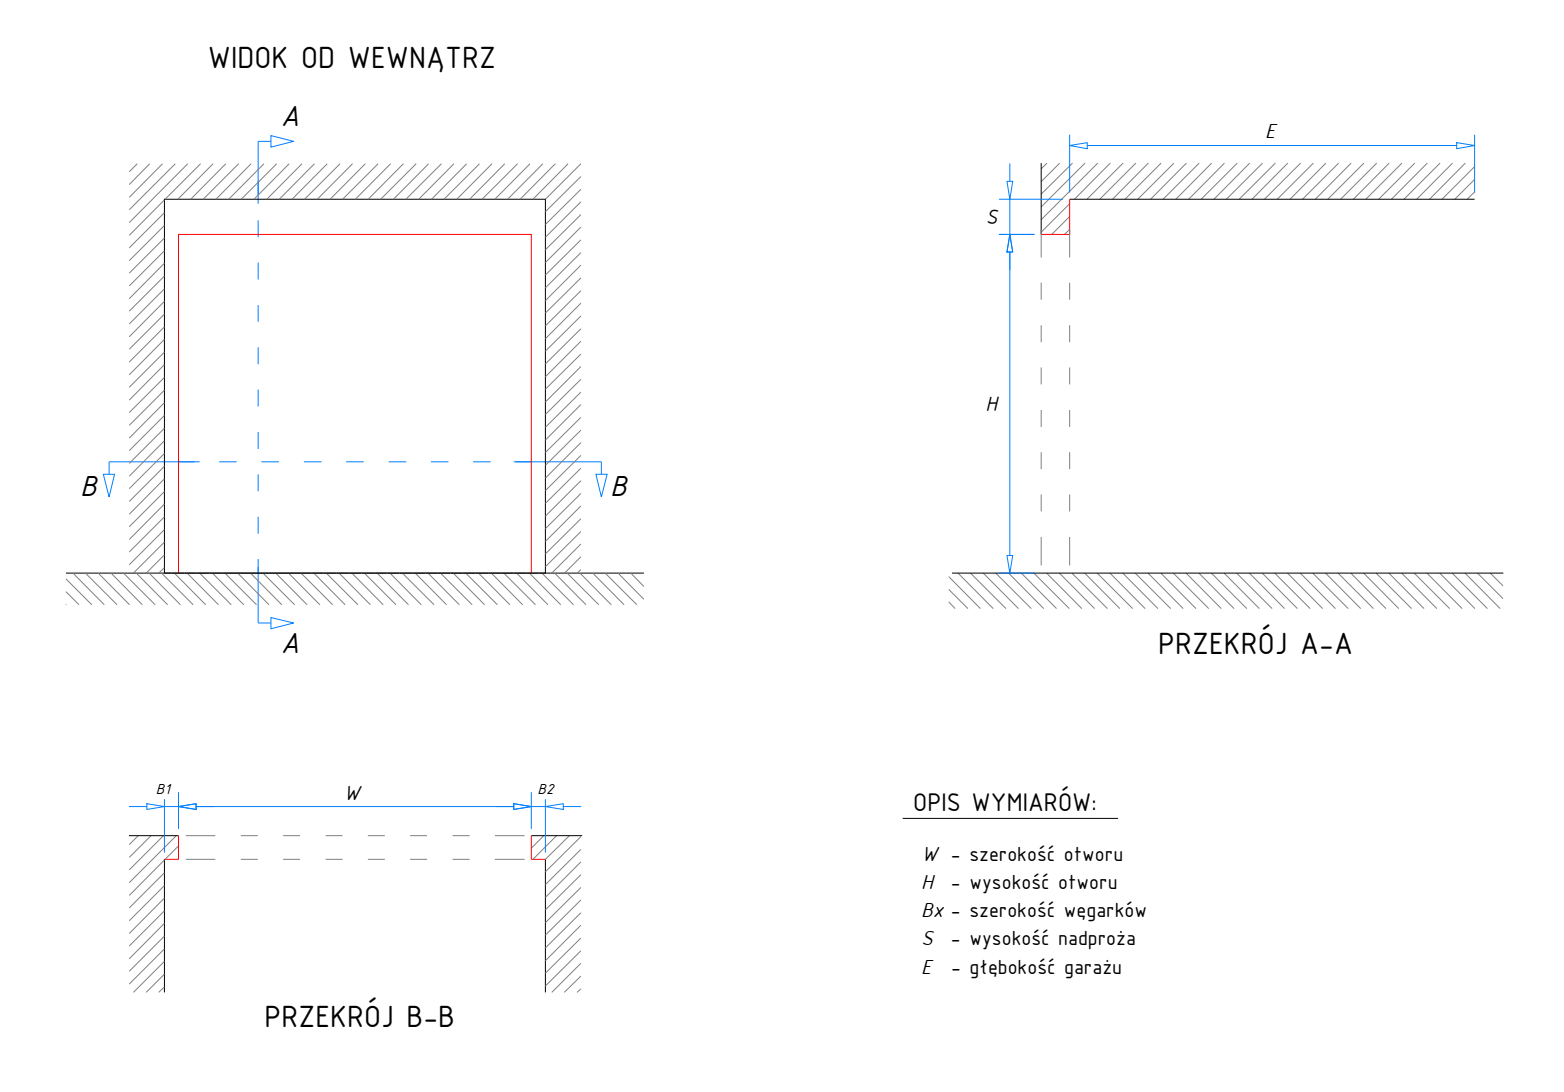 schemat pomiarowy do bram segmentowych